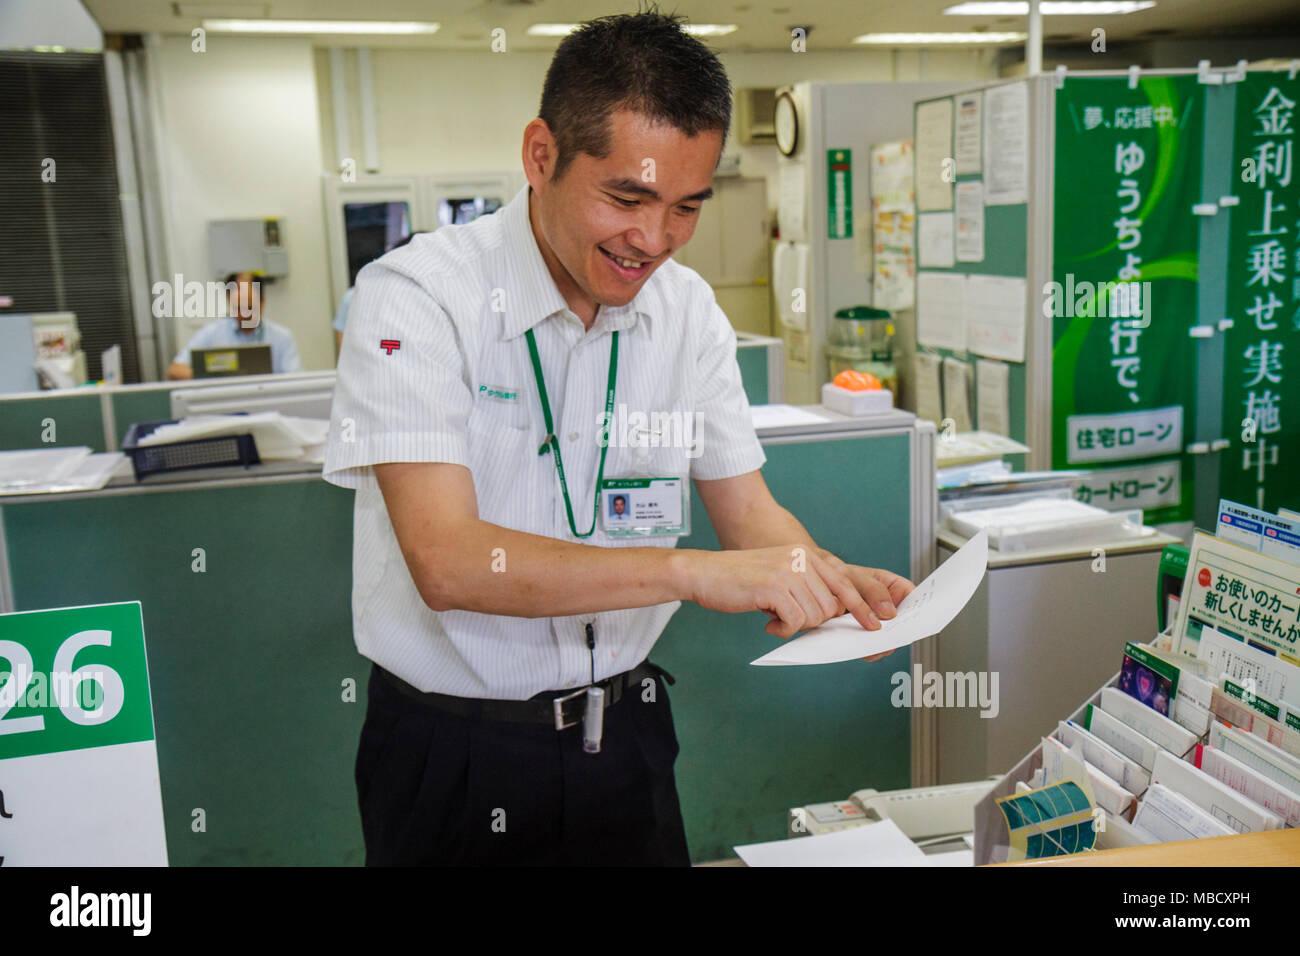 Tokyo Japan Shinjuku Post Office JP Bank kanji hiragana katakana characters symbols Japanese English Asian man postal worker cou - Stock Image